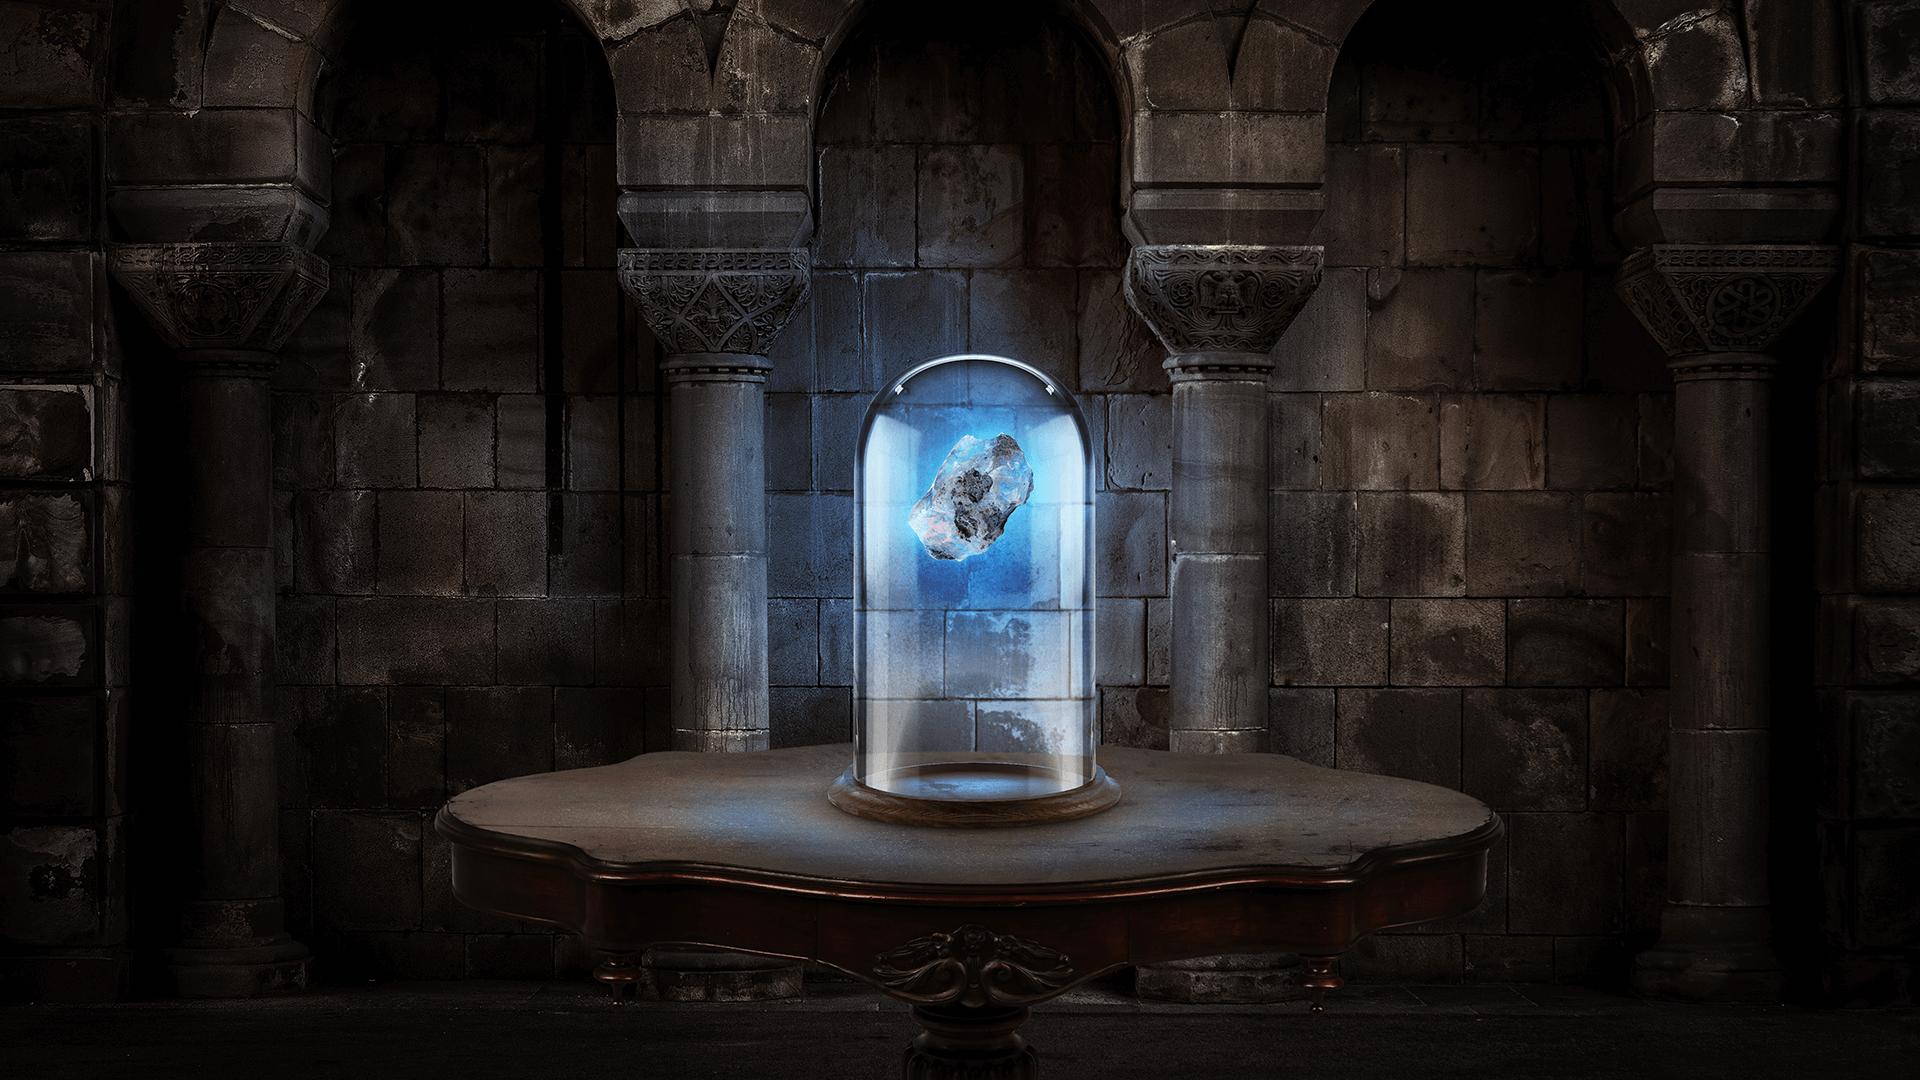 Numa sala com paredes antigas, uma mesa sustenta uma redoma cilíndrica onde, dentro, há uma pedra azul brilhante.